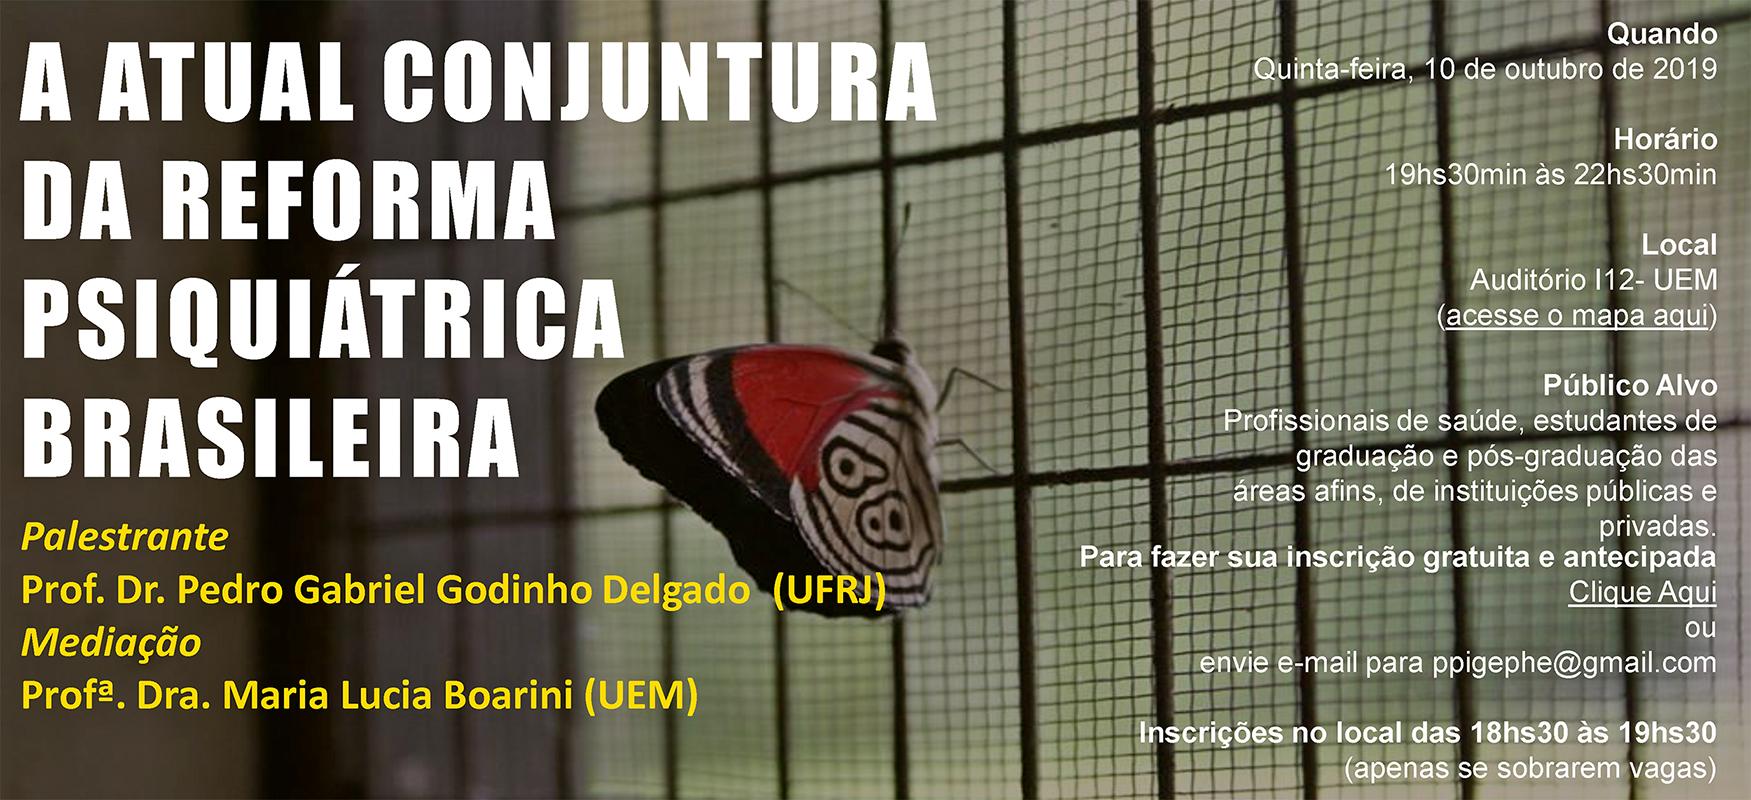 Seminários debaterão reforma psiquiátrica brasileira e crítica da subjetividade